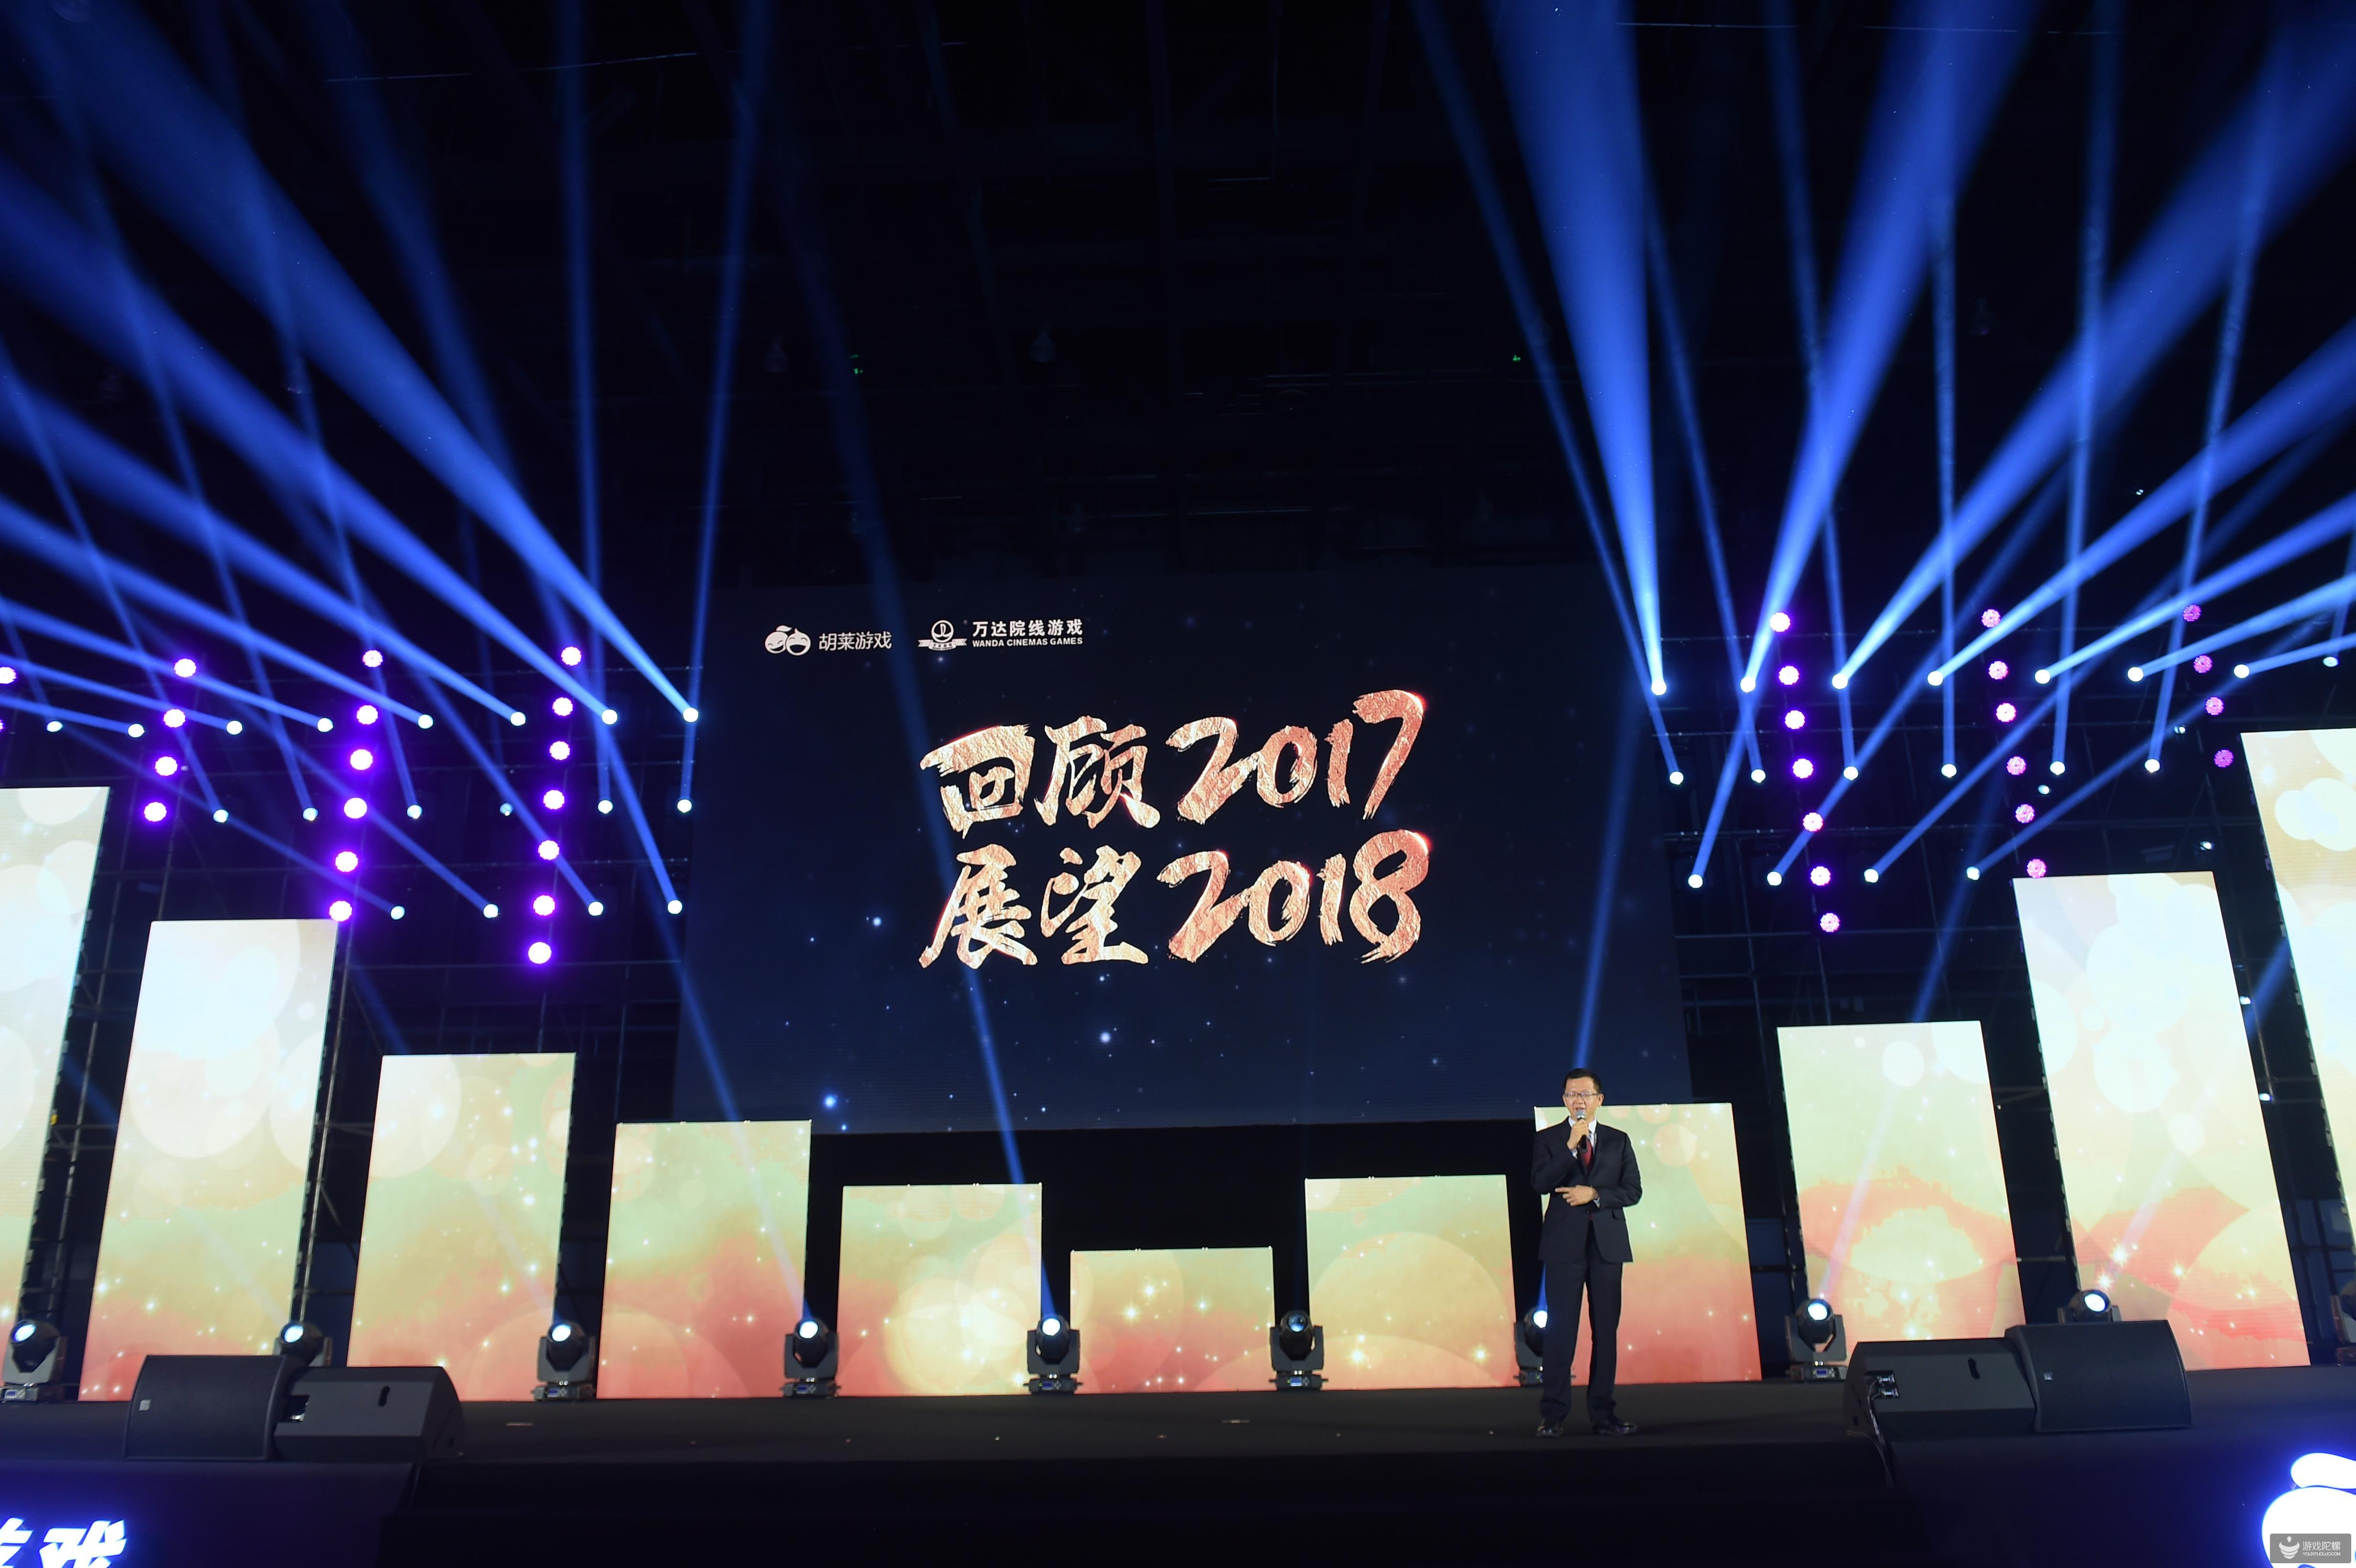 胡莱游戏&万达院线游戏2018新品游戏发布会:布局多品类,共计23款